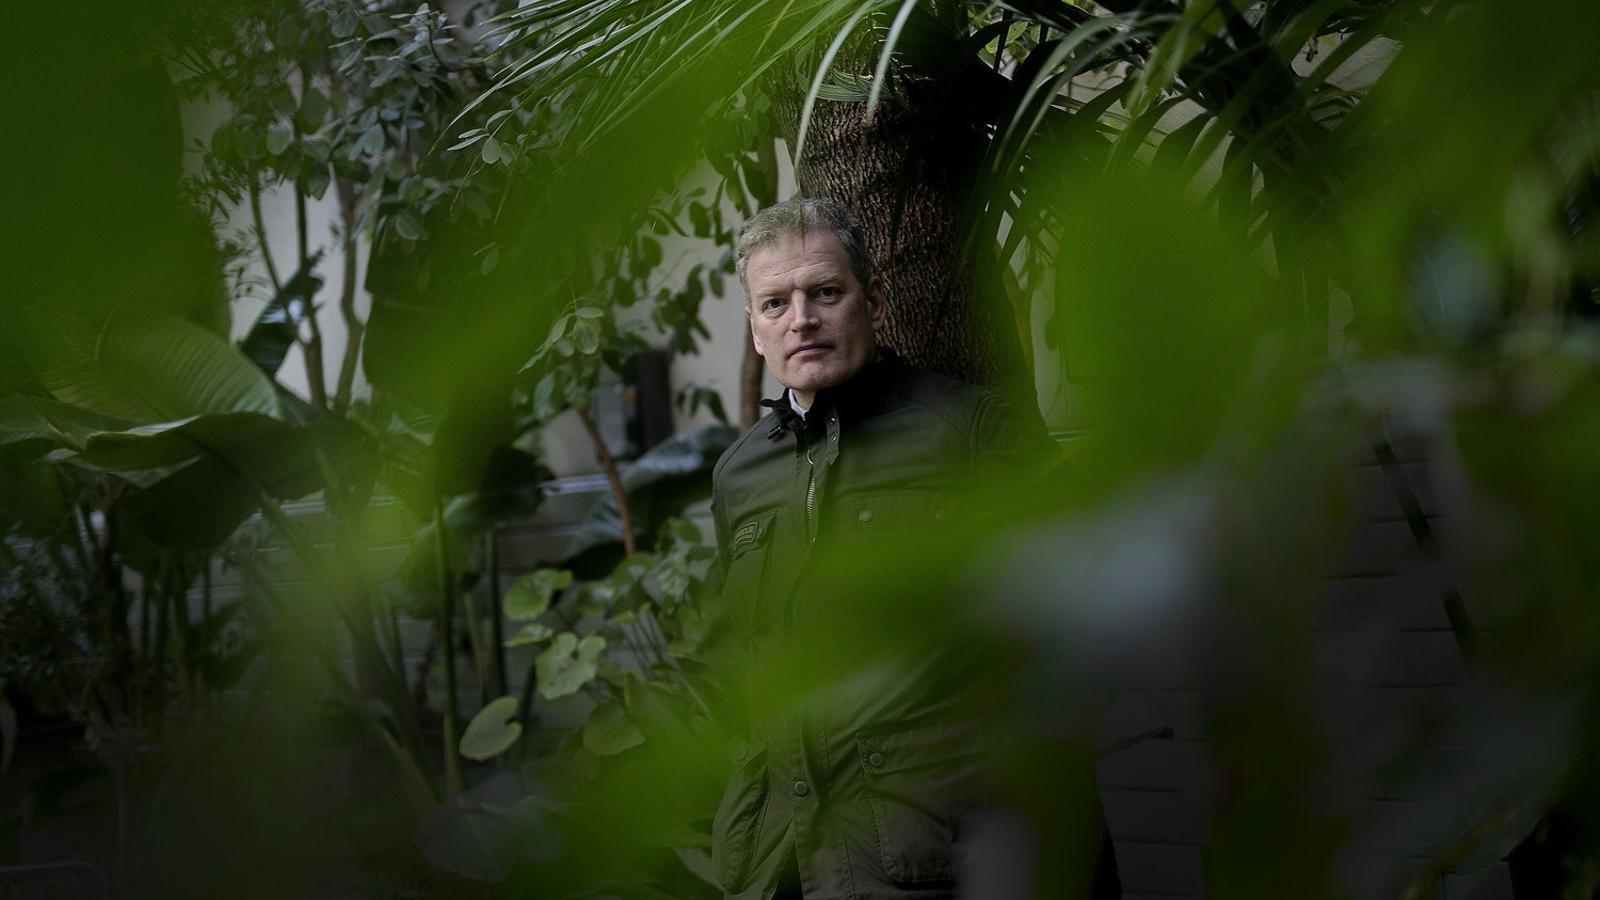 L'escriptor i periodista noruec Lars Mytting, autor d'Els setze arbres del Somme.